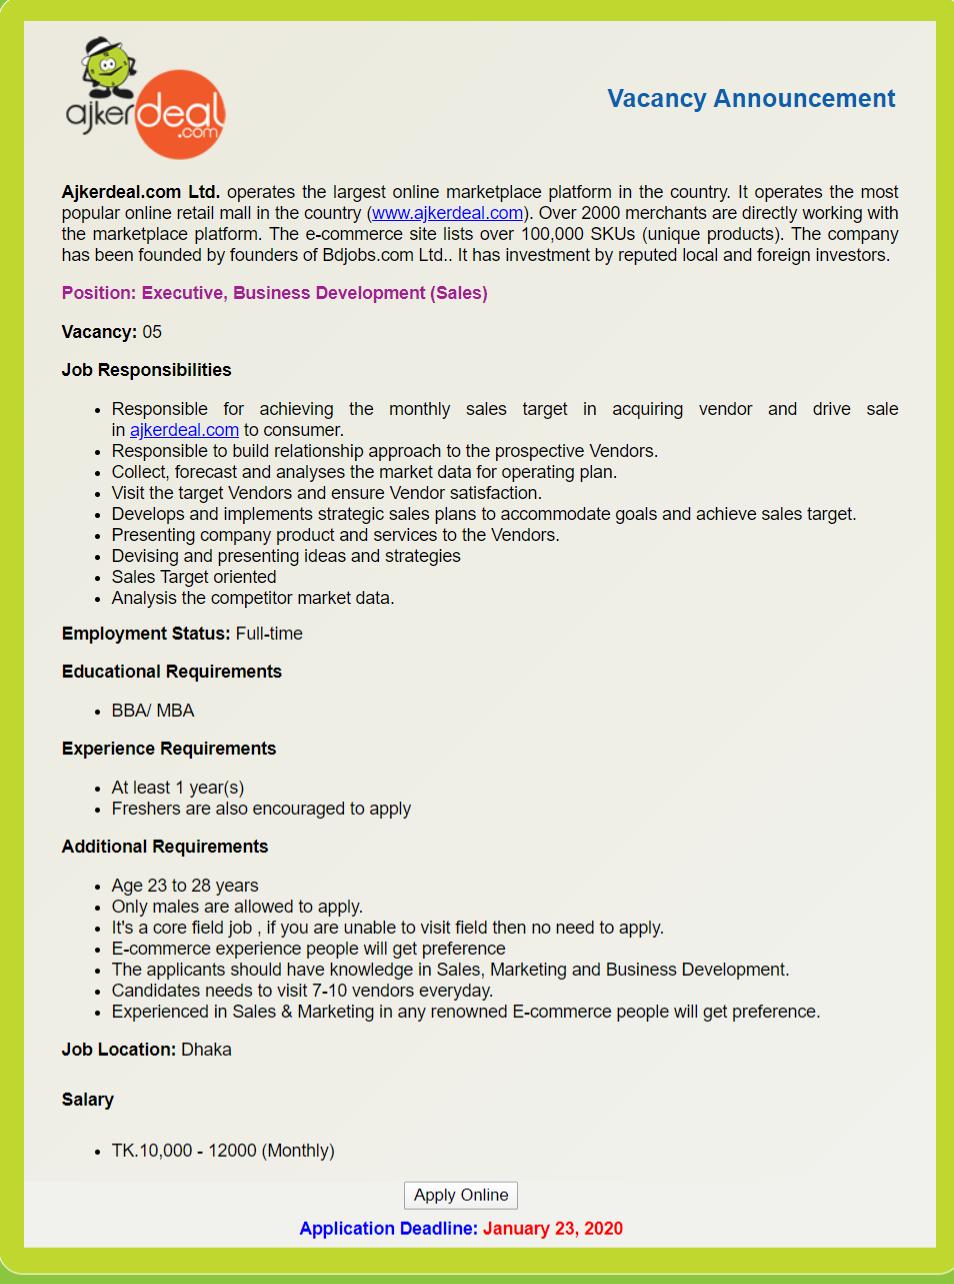 Ajkerdeal.com Ltd Job Circular 2020